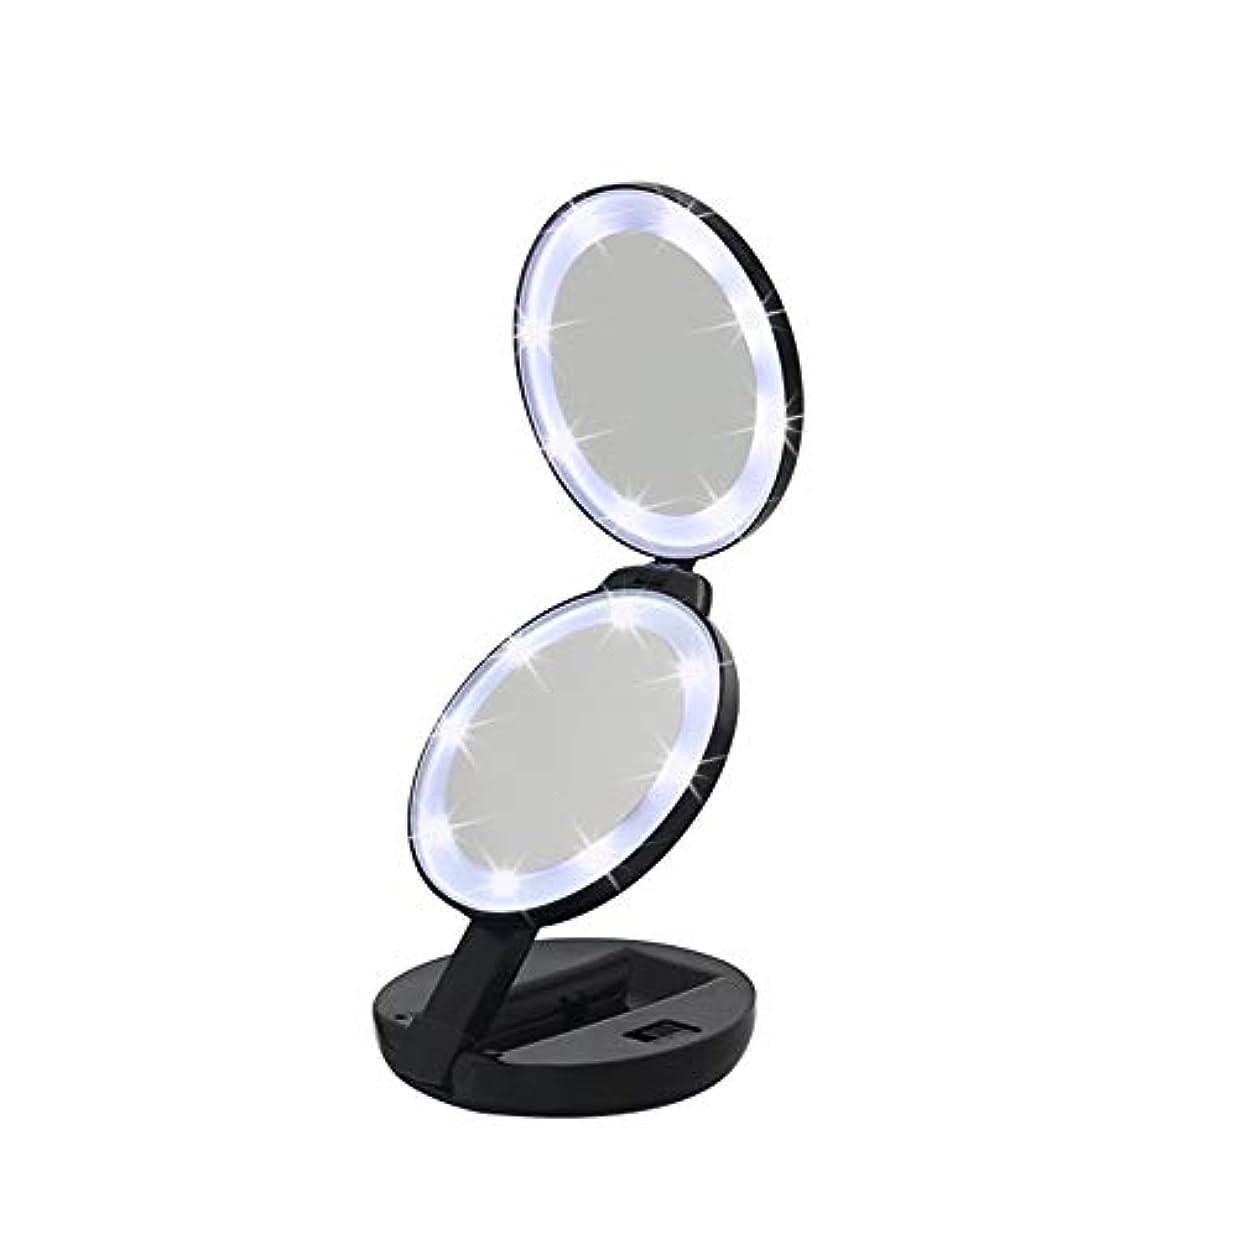 属する政権だらしない流行の 新しいラウンド三つ折りLEDフィルライト化粧鏡ABS素材虫眼鏡ハンドヘルド美容ミラーブラック